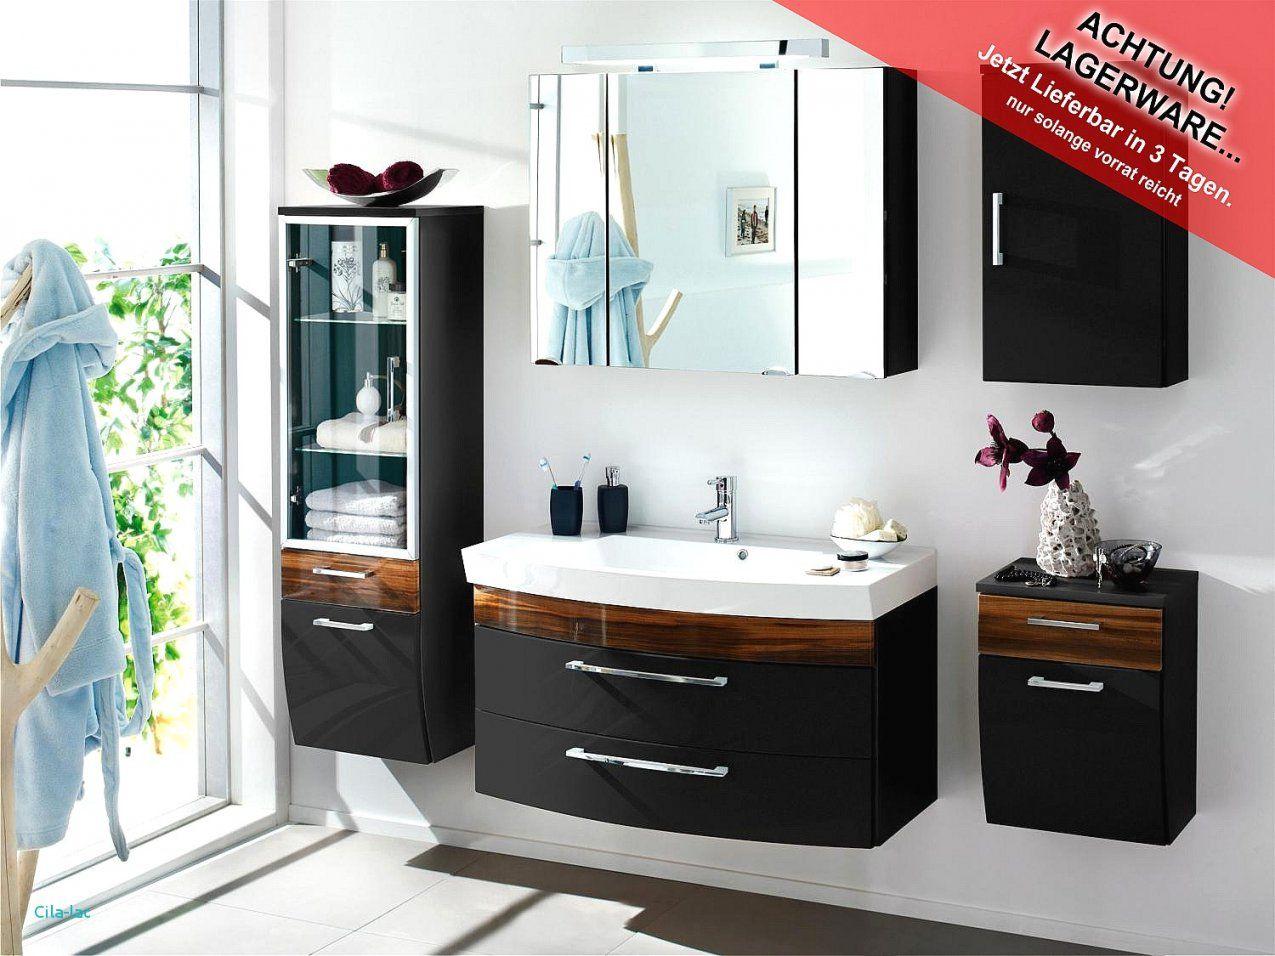 Luxus Komplett Badezimmer Kaufen  Badezimmer Innenausstattung 2018 von Badezimmer Komplett Günstig Kaufen Bild